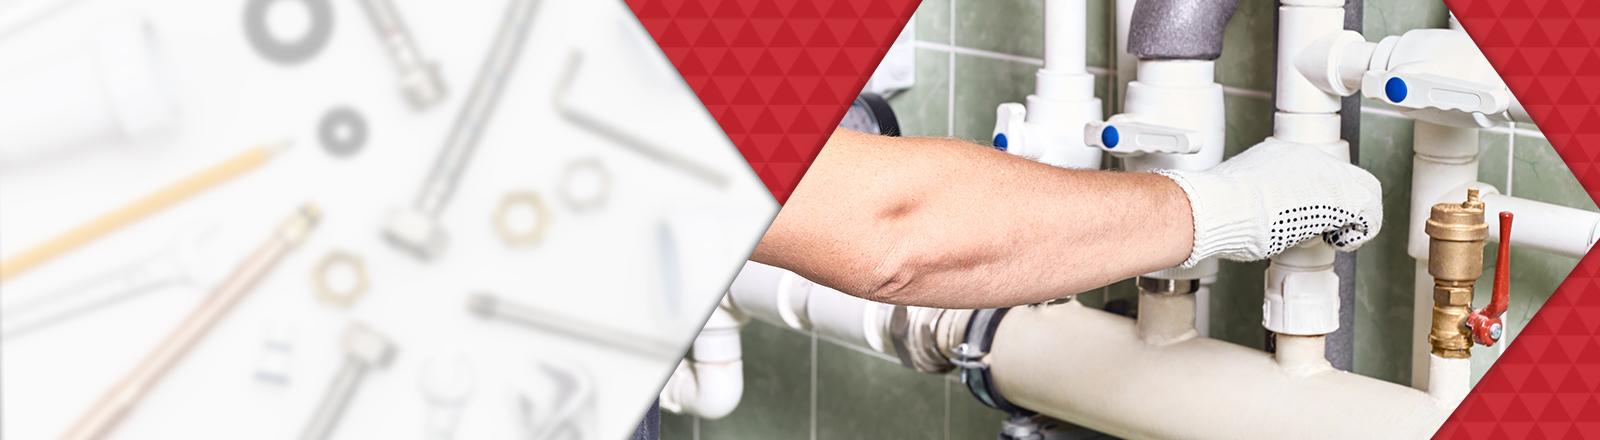 Commercial Boiler Maintenance & Repairs